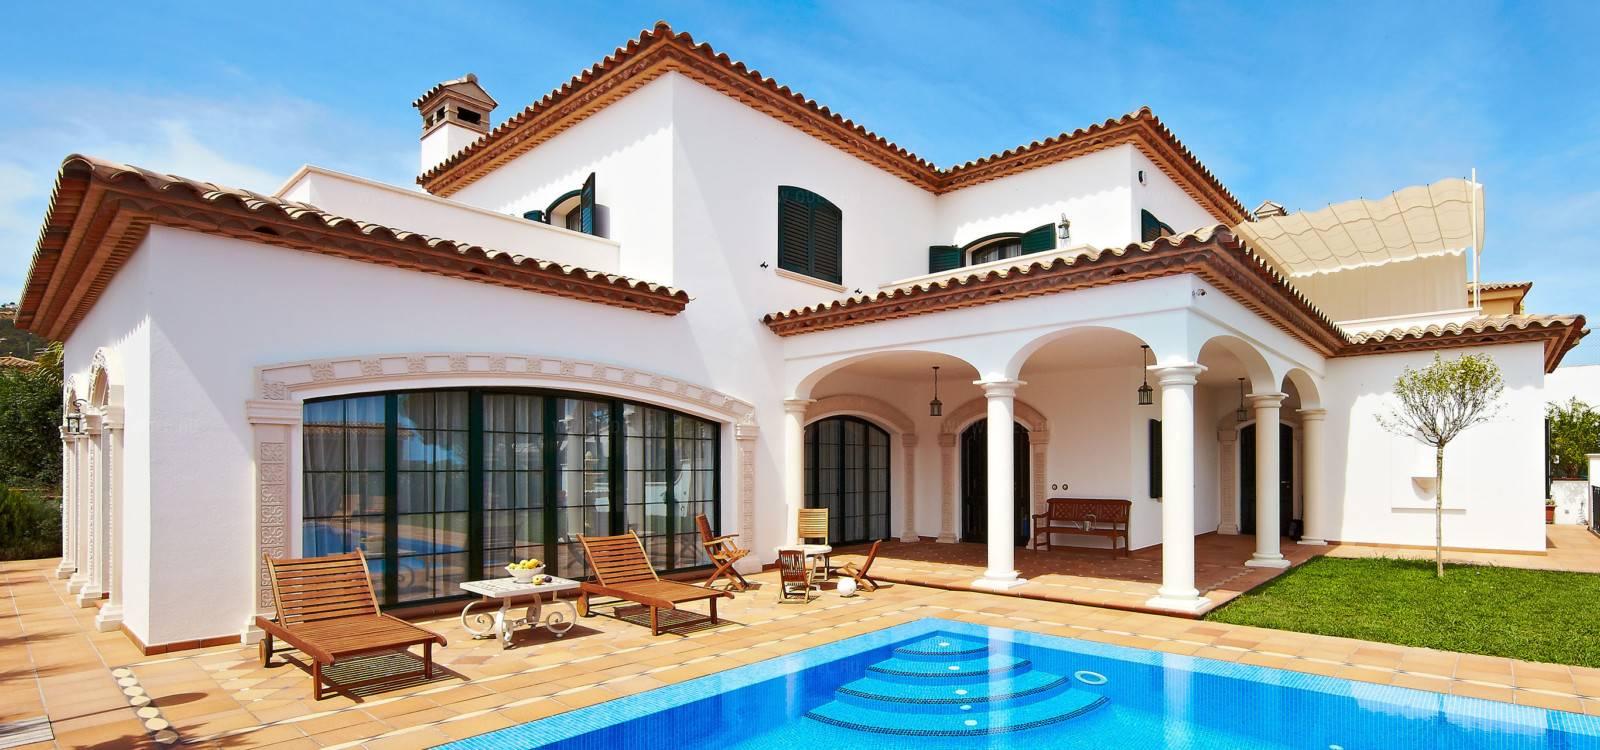 Региональные особенности архитектуры в испании